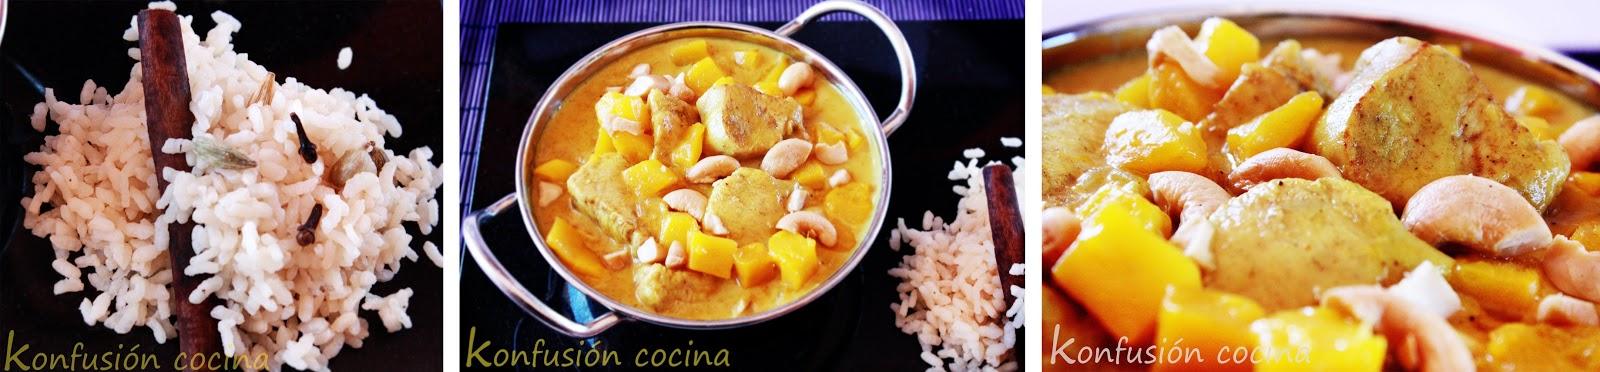 MANGO CHICKEN CURRY HINDU COCONUT CREAM BROWN SUGAR LIMA DELICIOUS CREAMY SPICY ACID SWEET ORIENTAL SPICY FOOD EASY